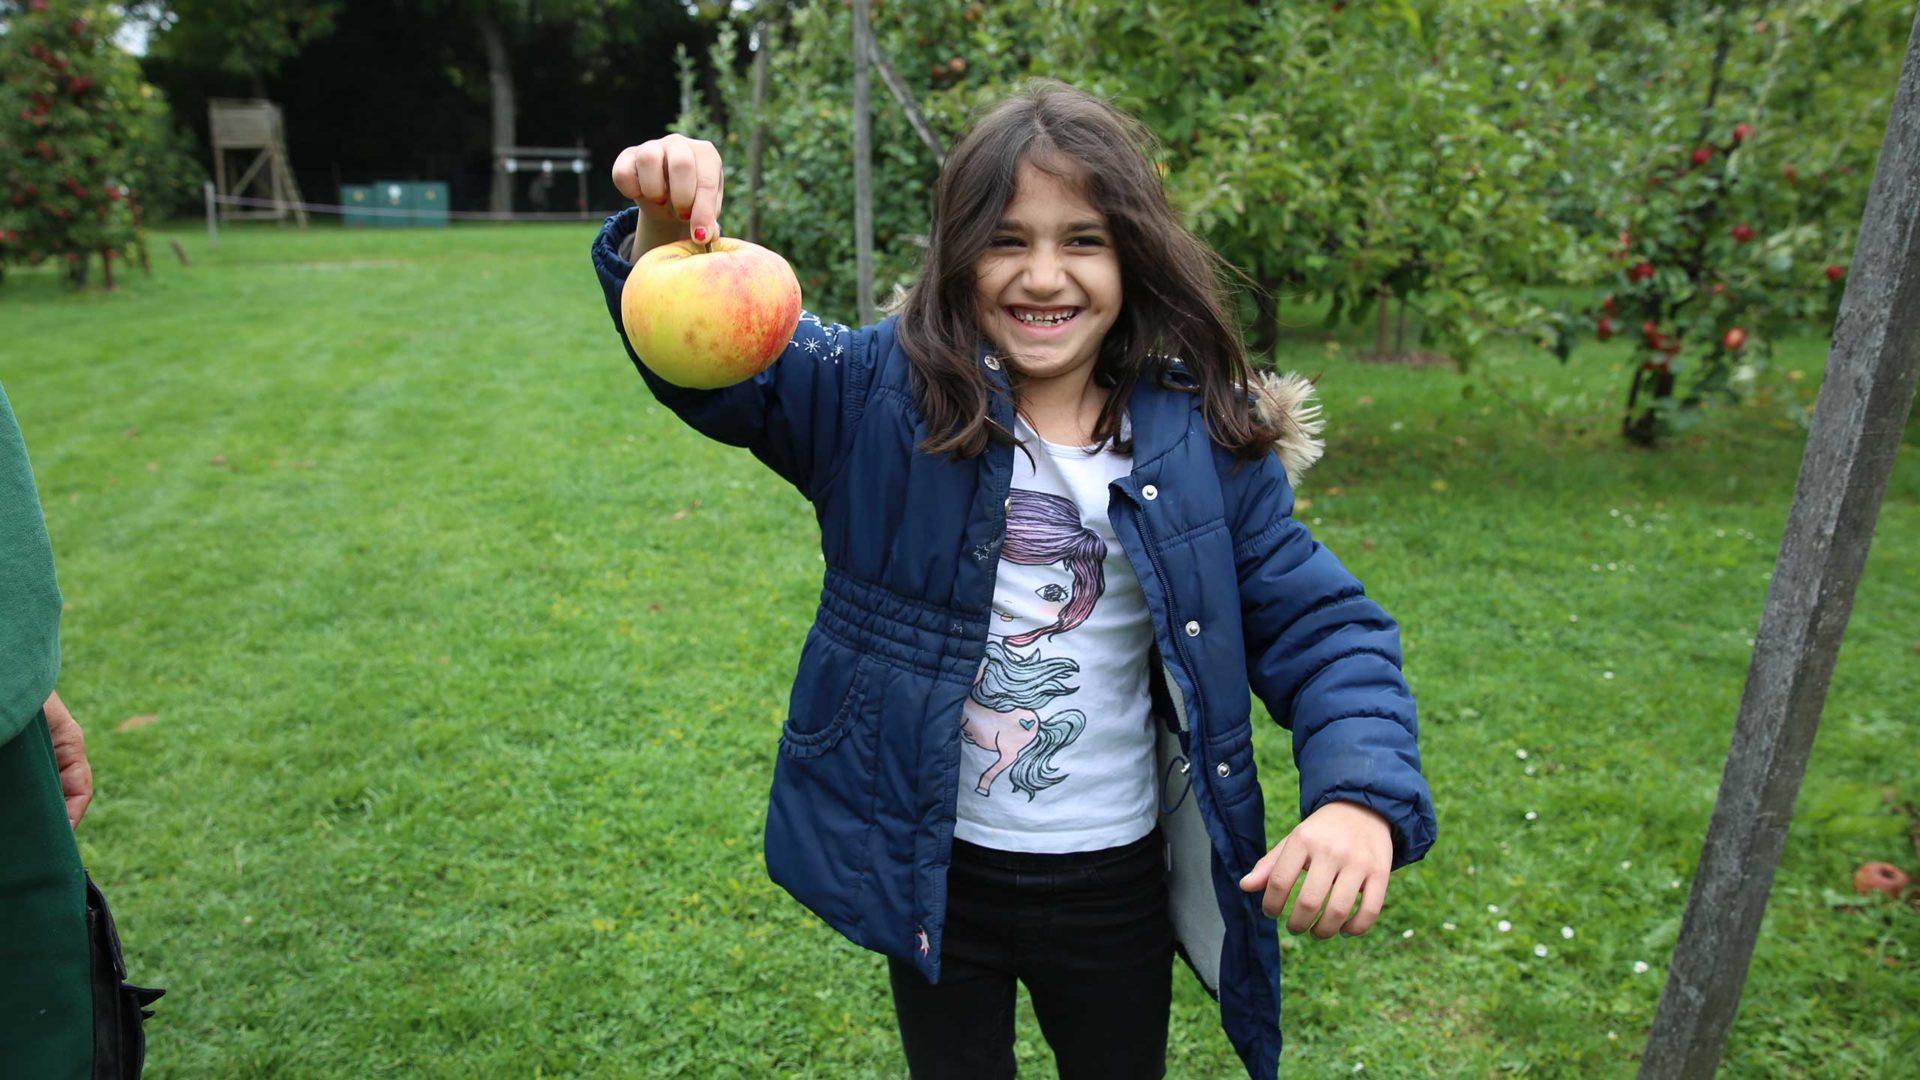 Inmitten von Apfelbäumen hält ein Kinden einen besonders großen Apfel hoch.